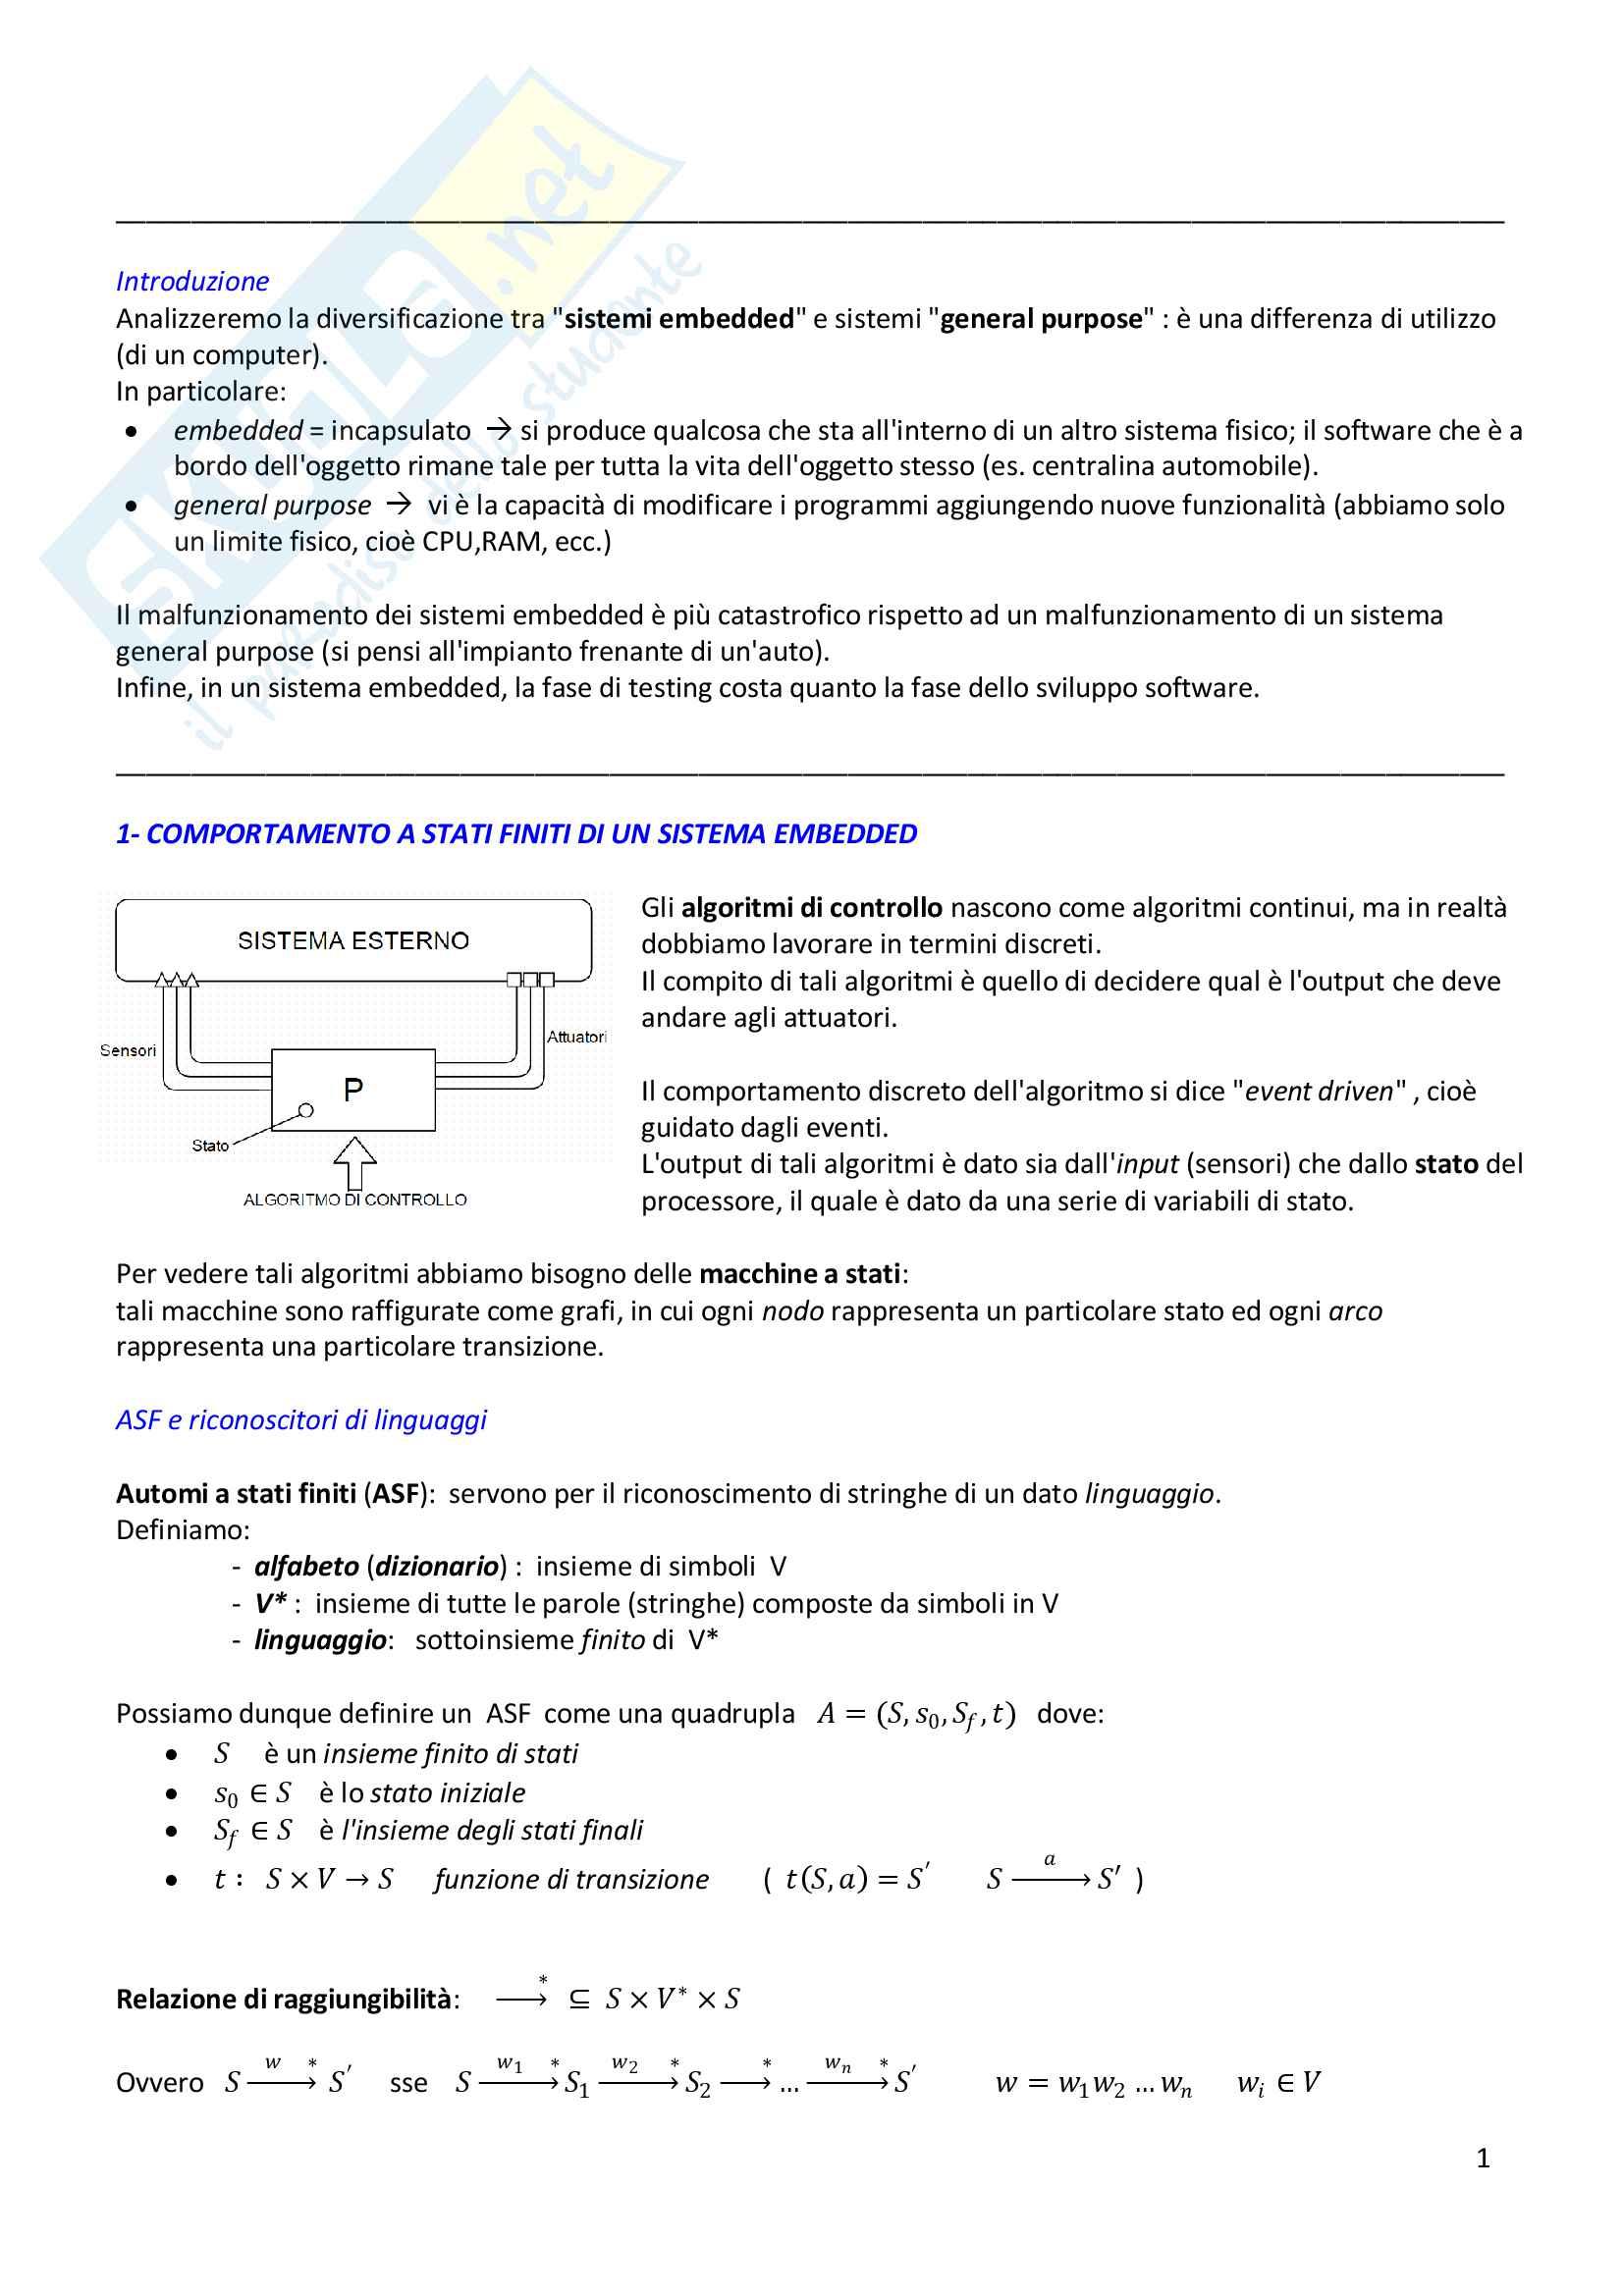 Riassunto Informatica industriale Pag. 2